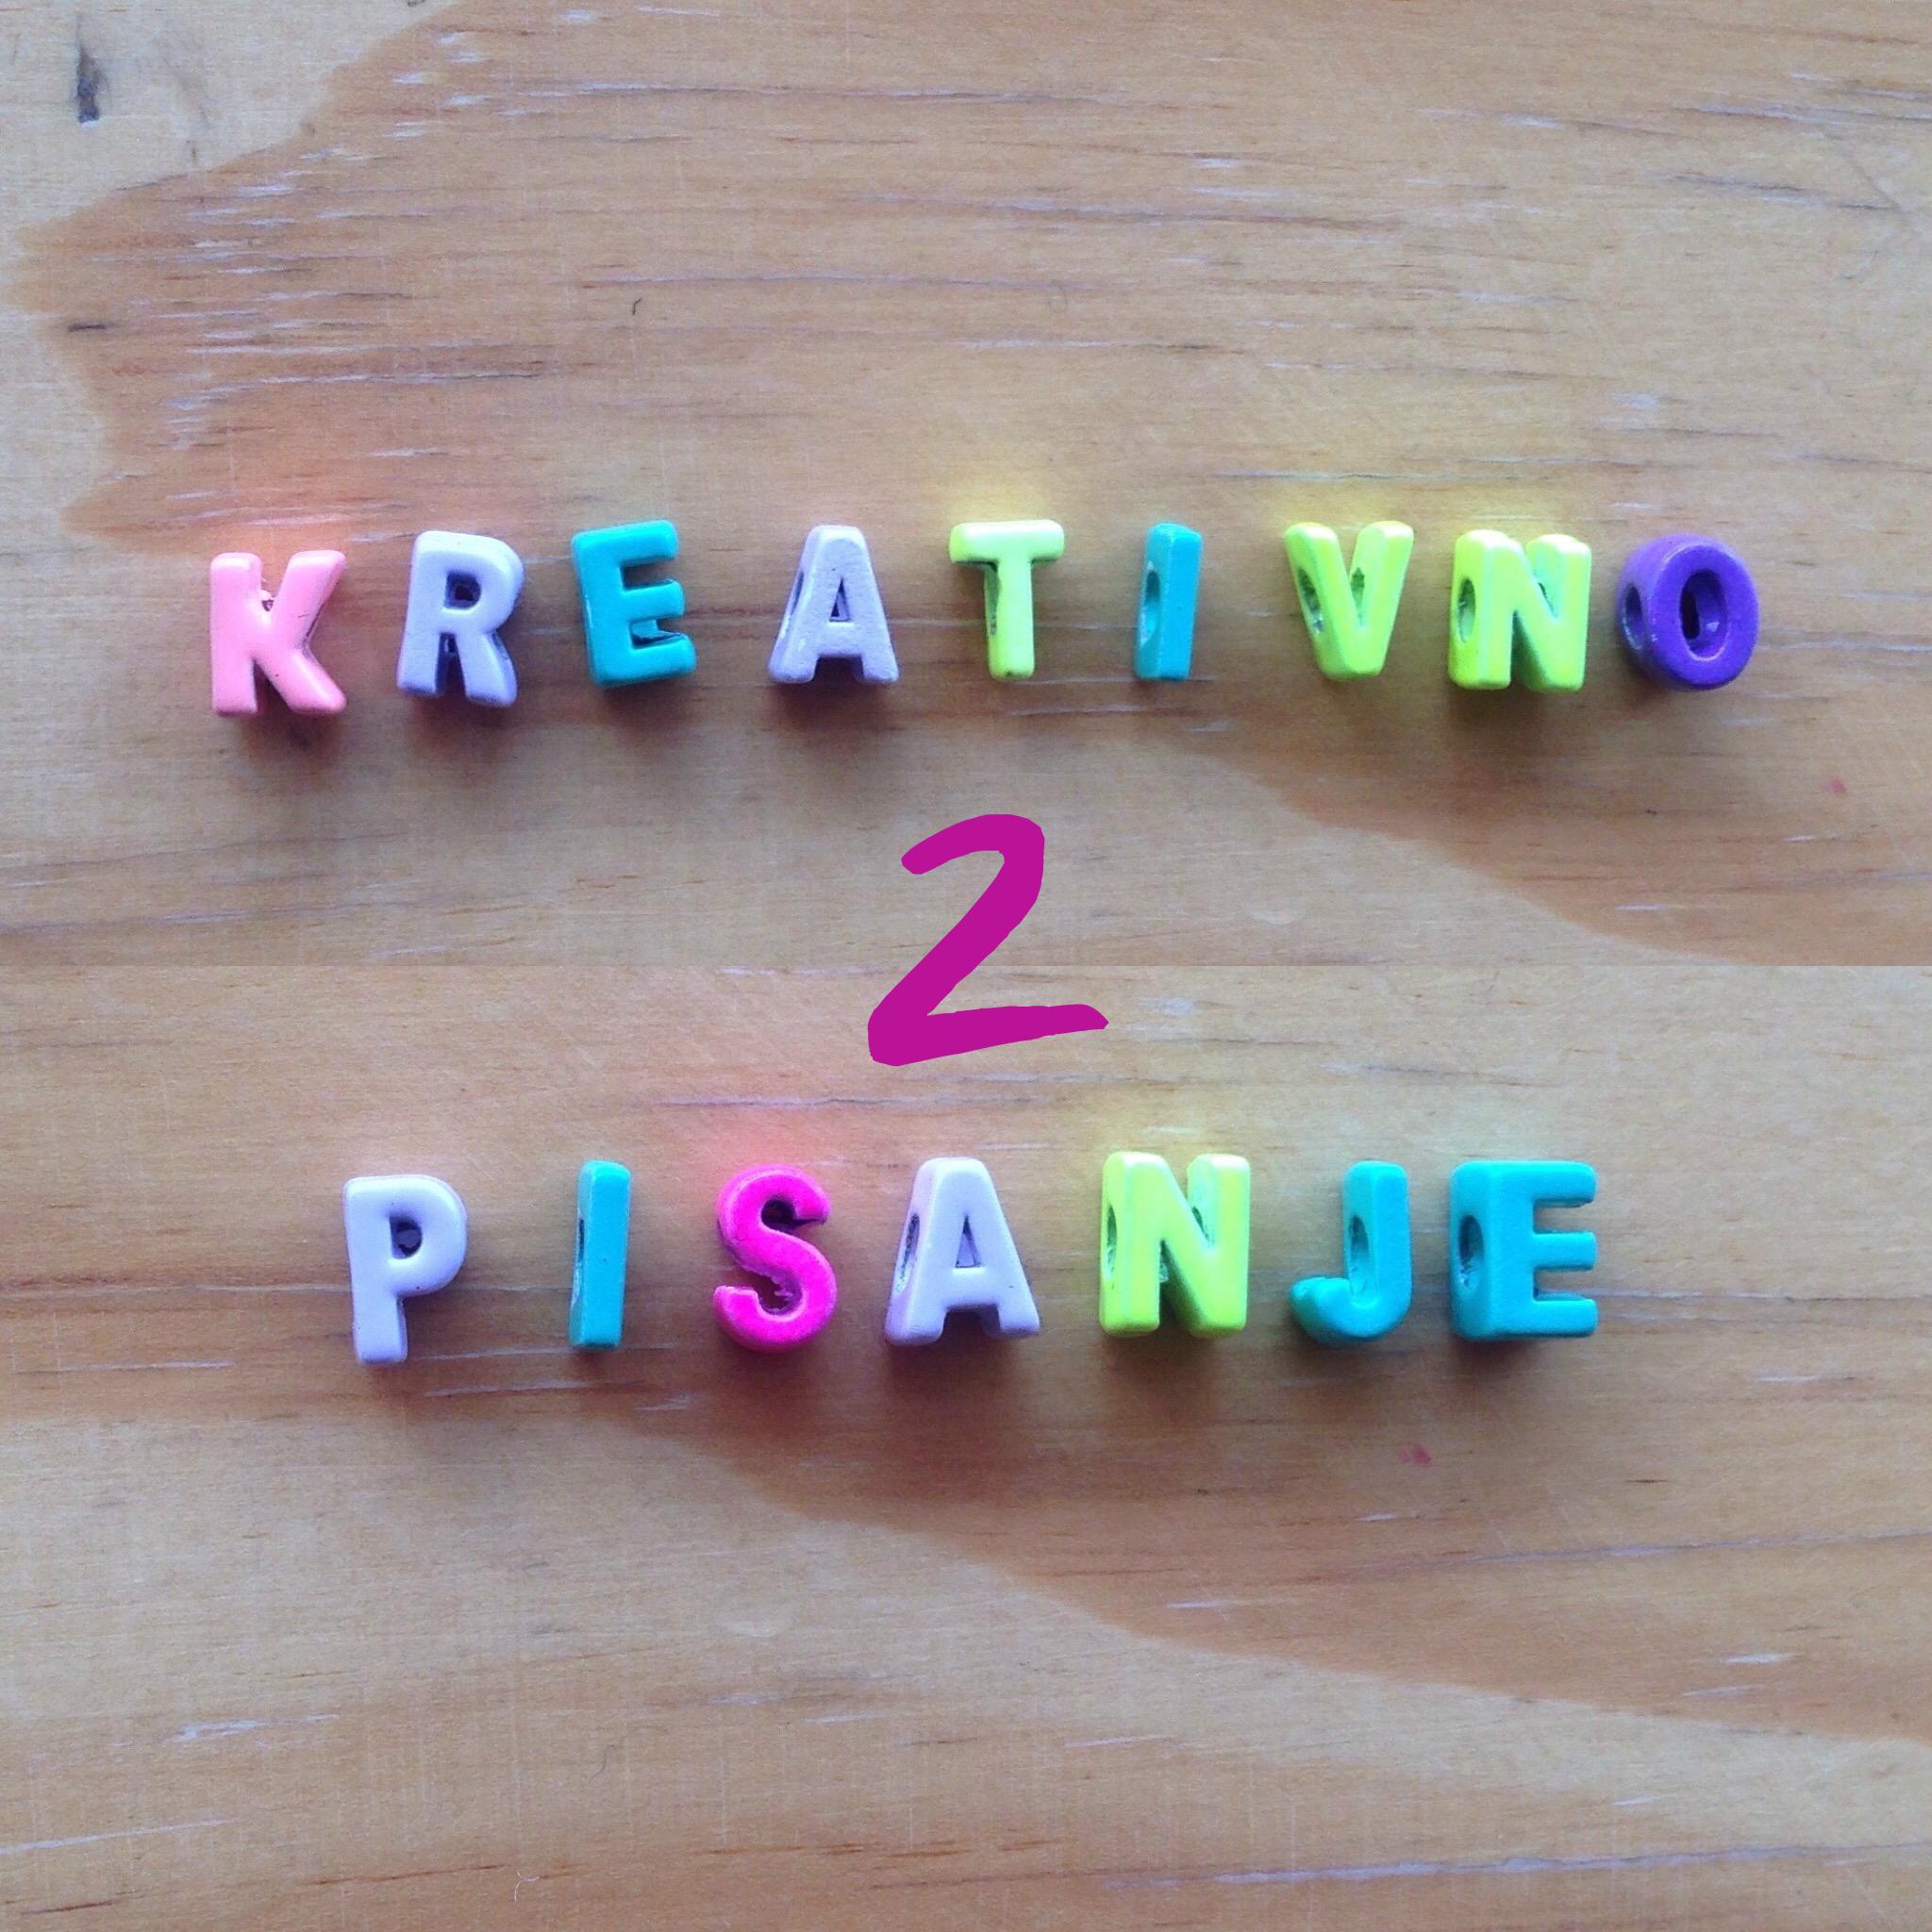 Kreativno Pisanje 2 – Najčešće Greške Prilikom Pisanja